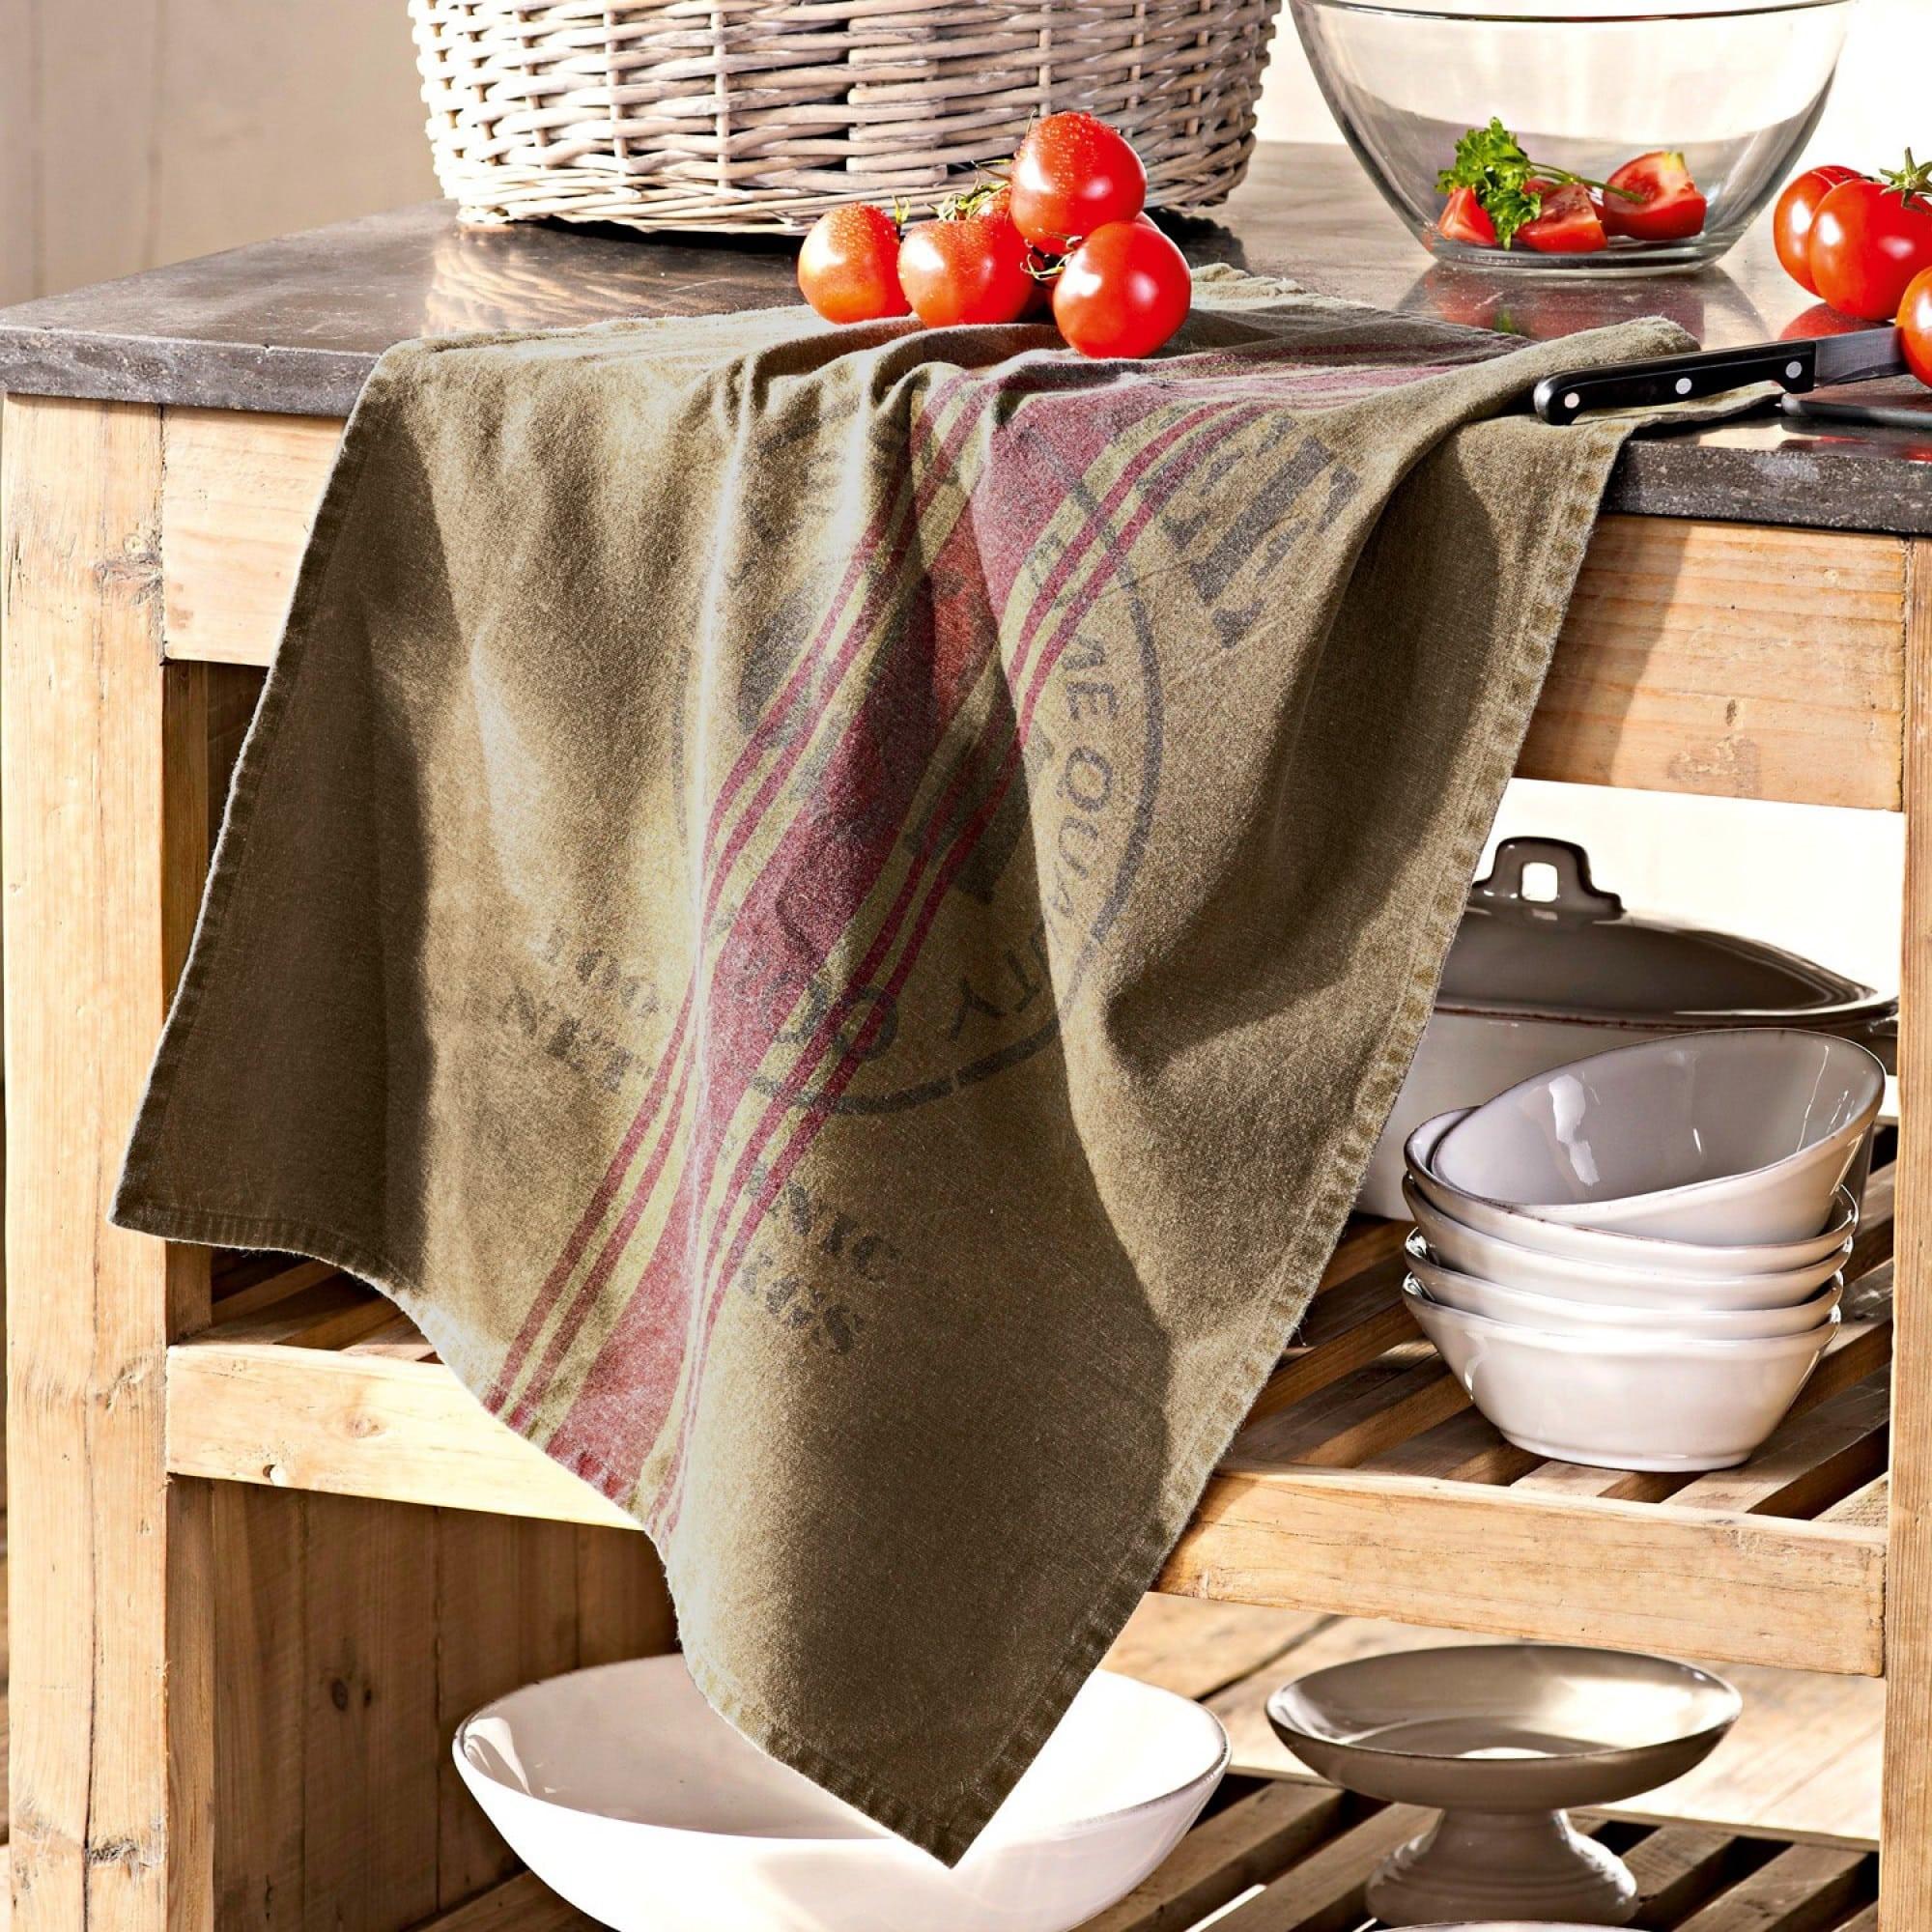 geschirrtuch 2er set toby loberon coming home. Black Bedroom Furniture Sets. Home Design Ideas